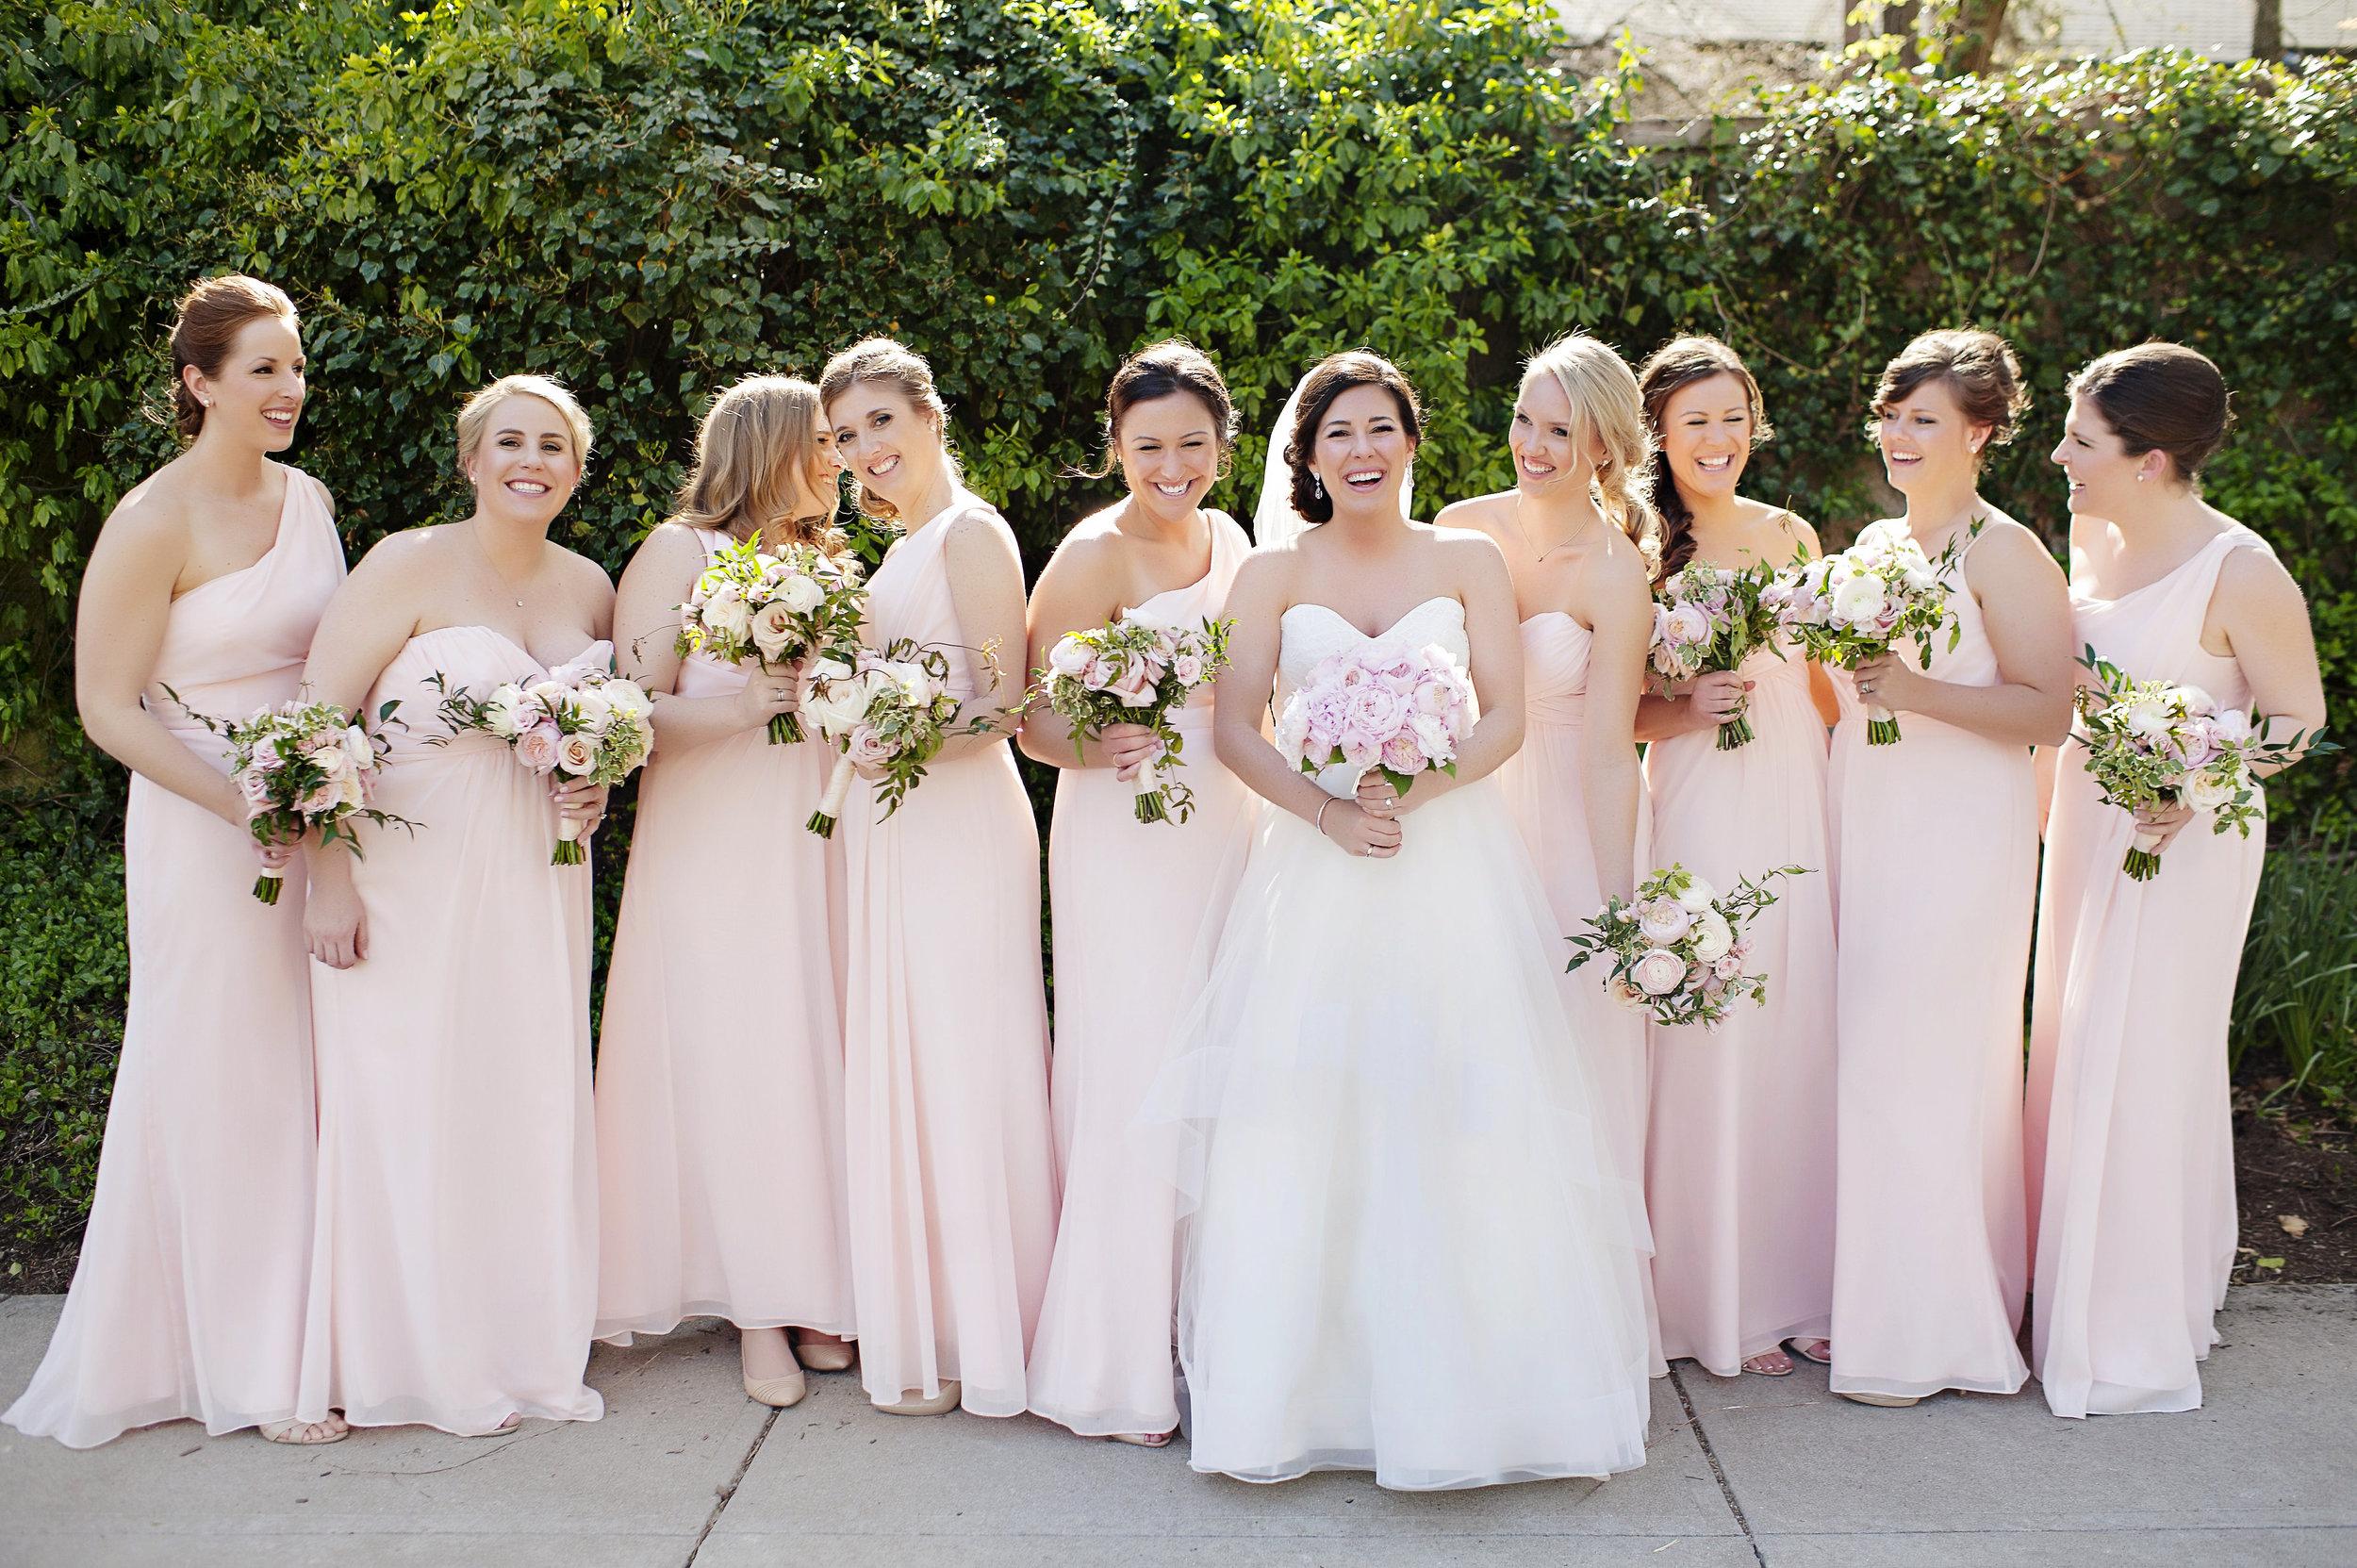 Bridal Party at The Renaissance